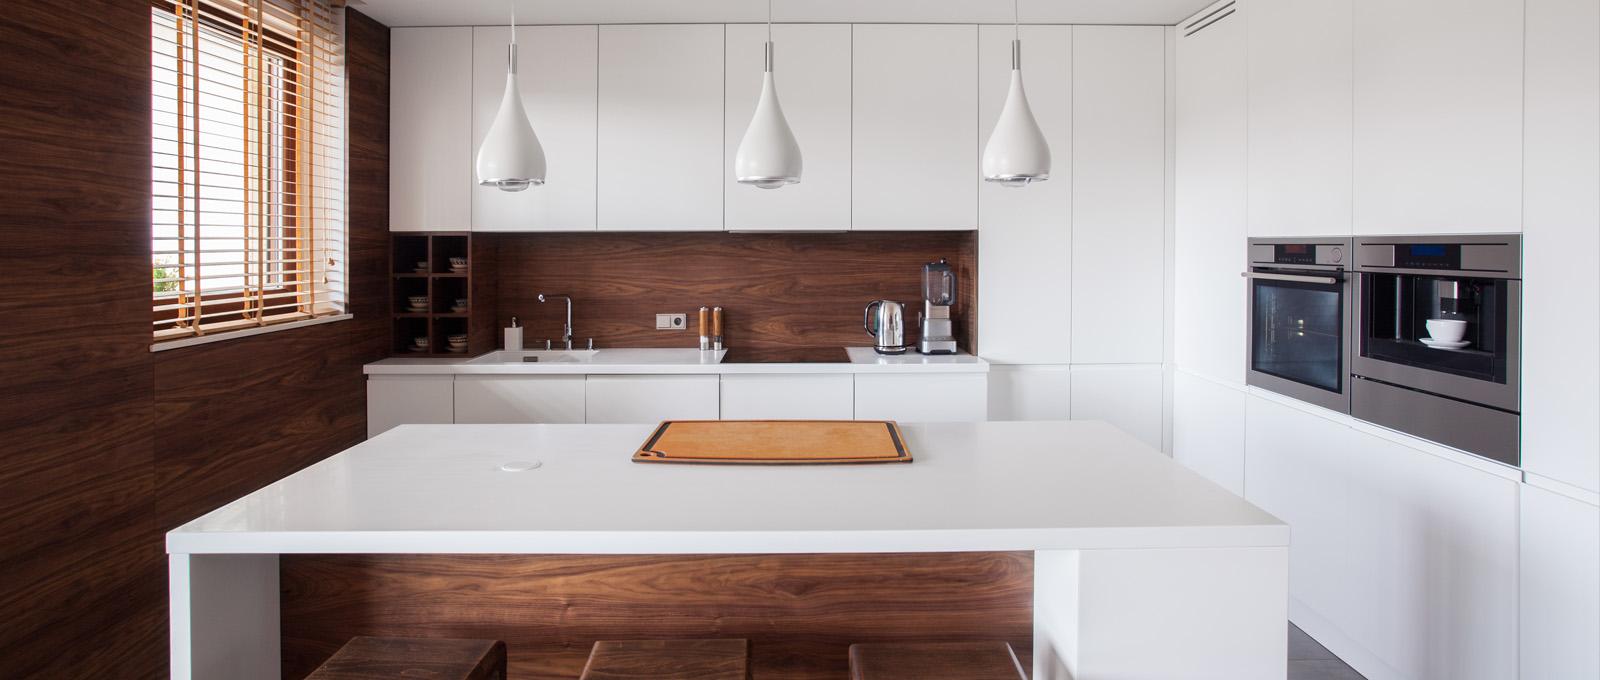 kitchen cabinets best kitchen designs design your own kitchen